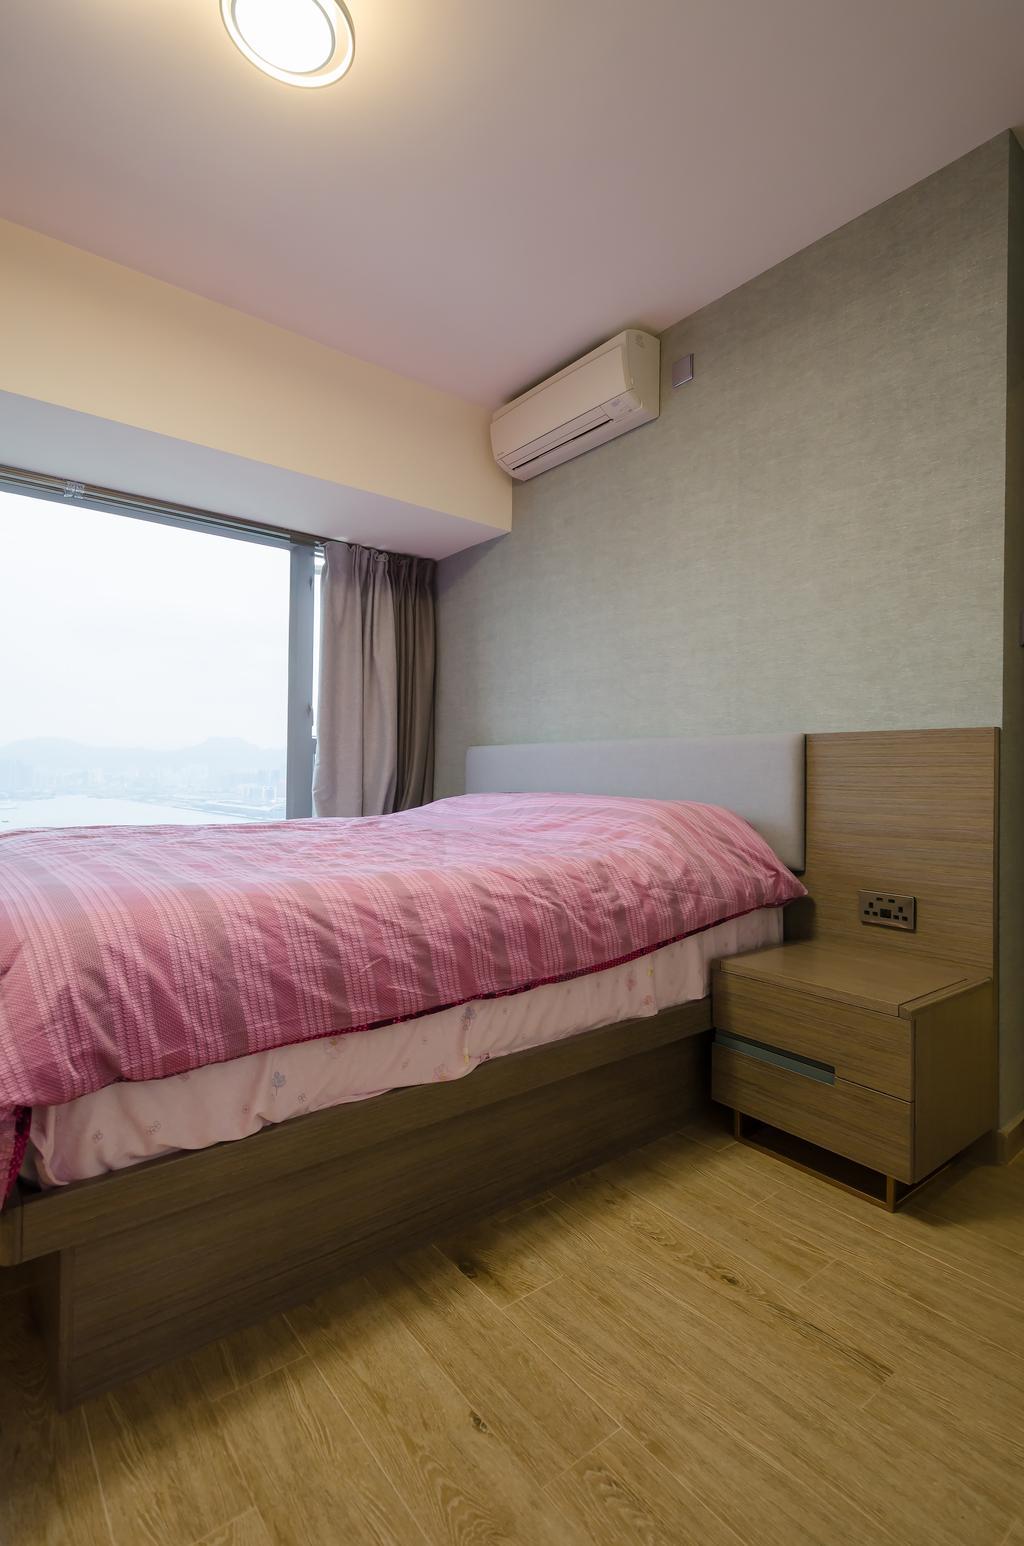 摩登, 私家樓, 睡房, 嘉亨灣, 室內設計師, Epic, 簡約